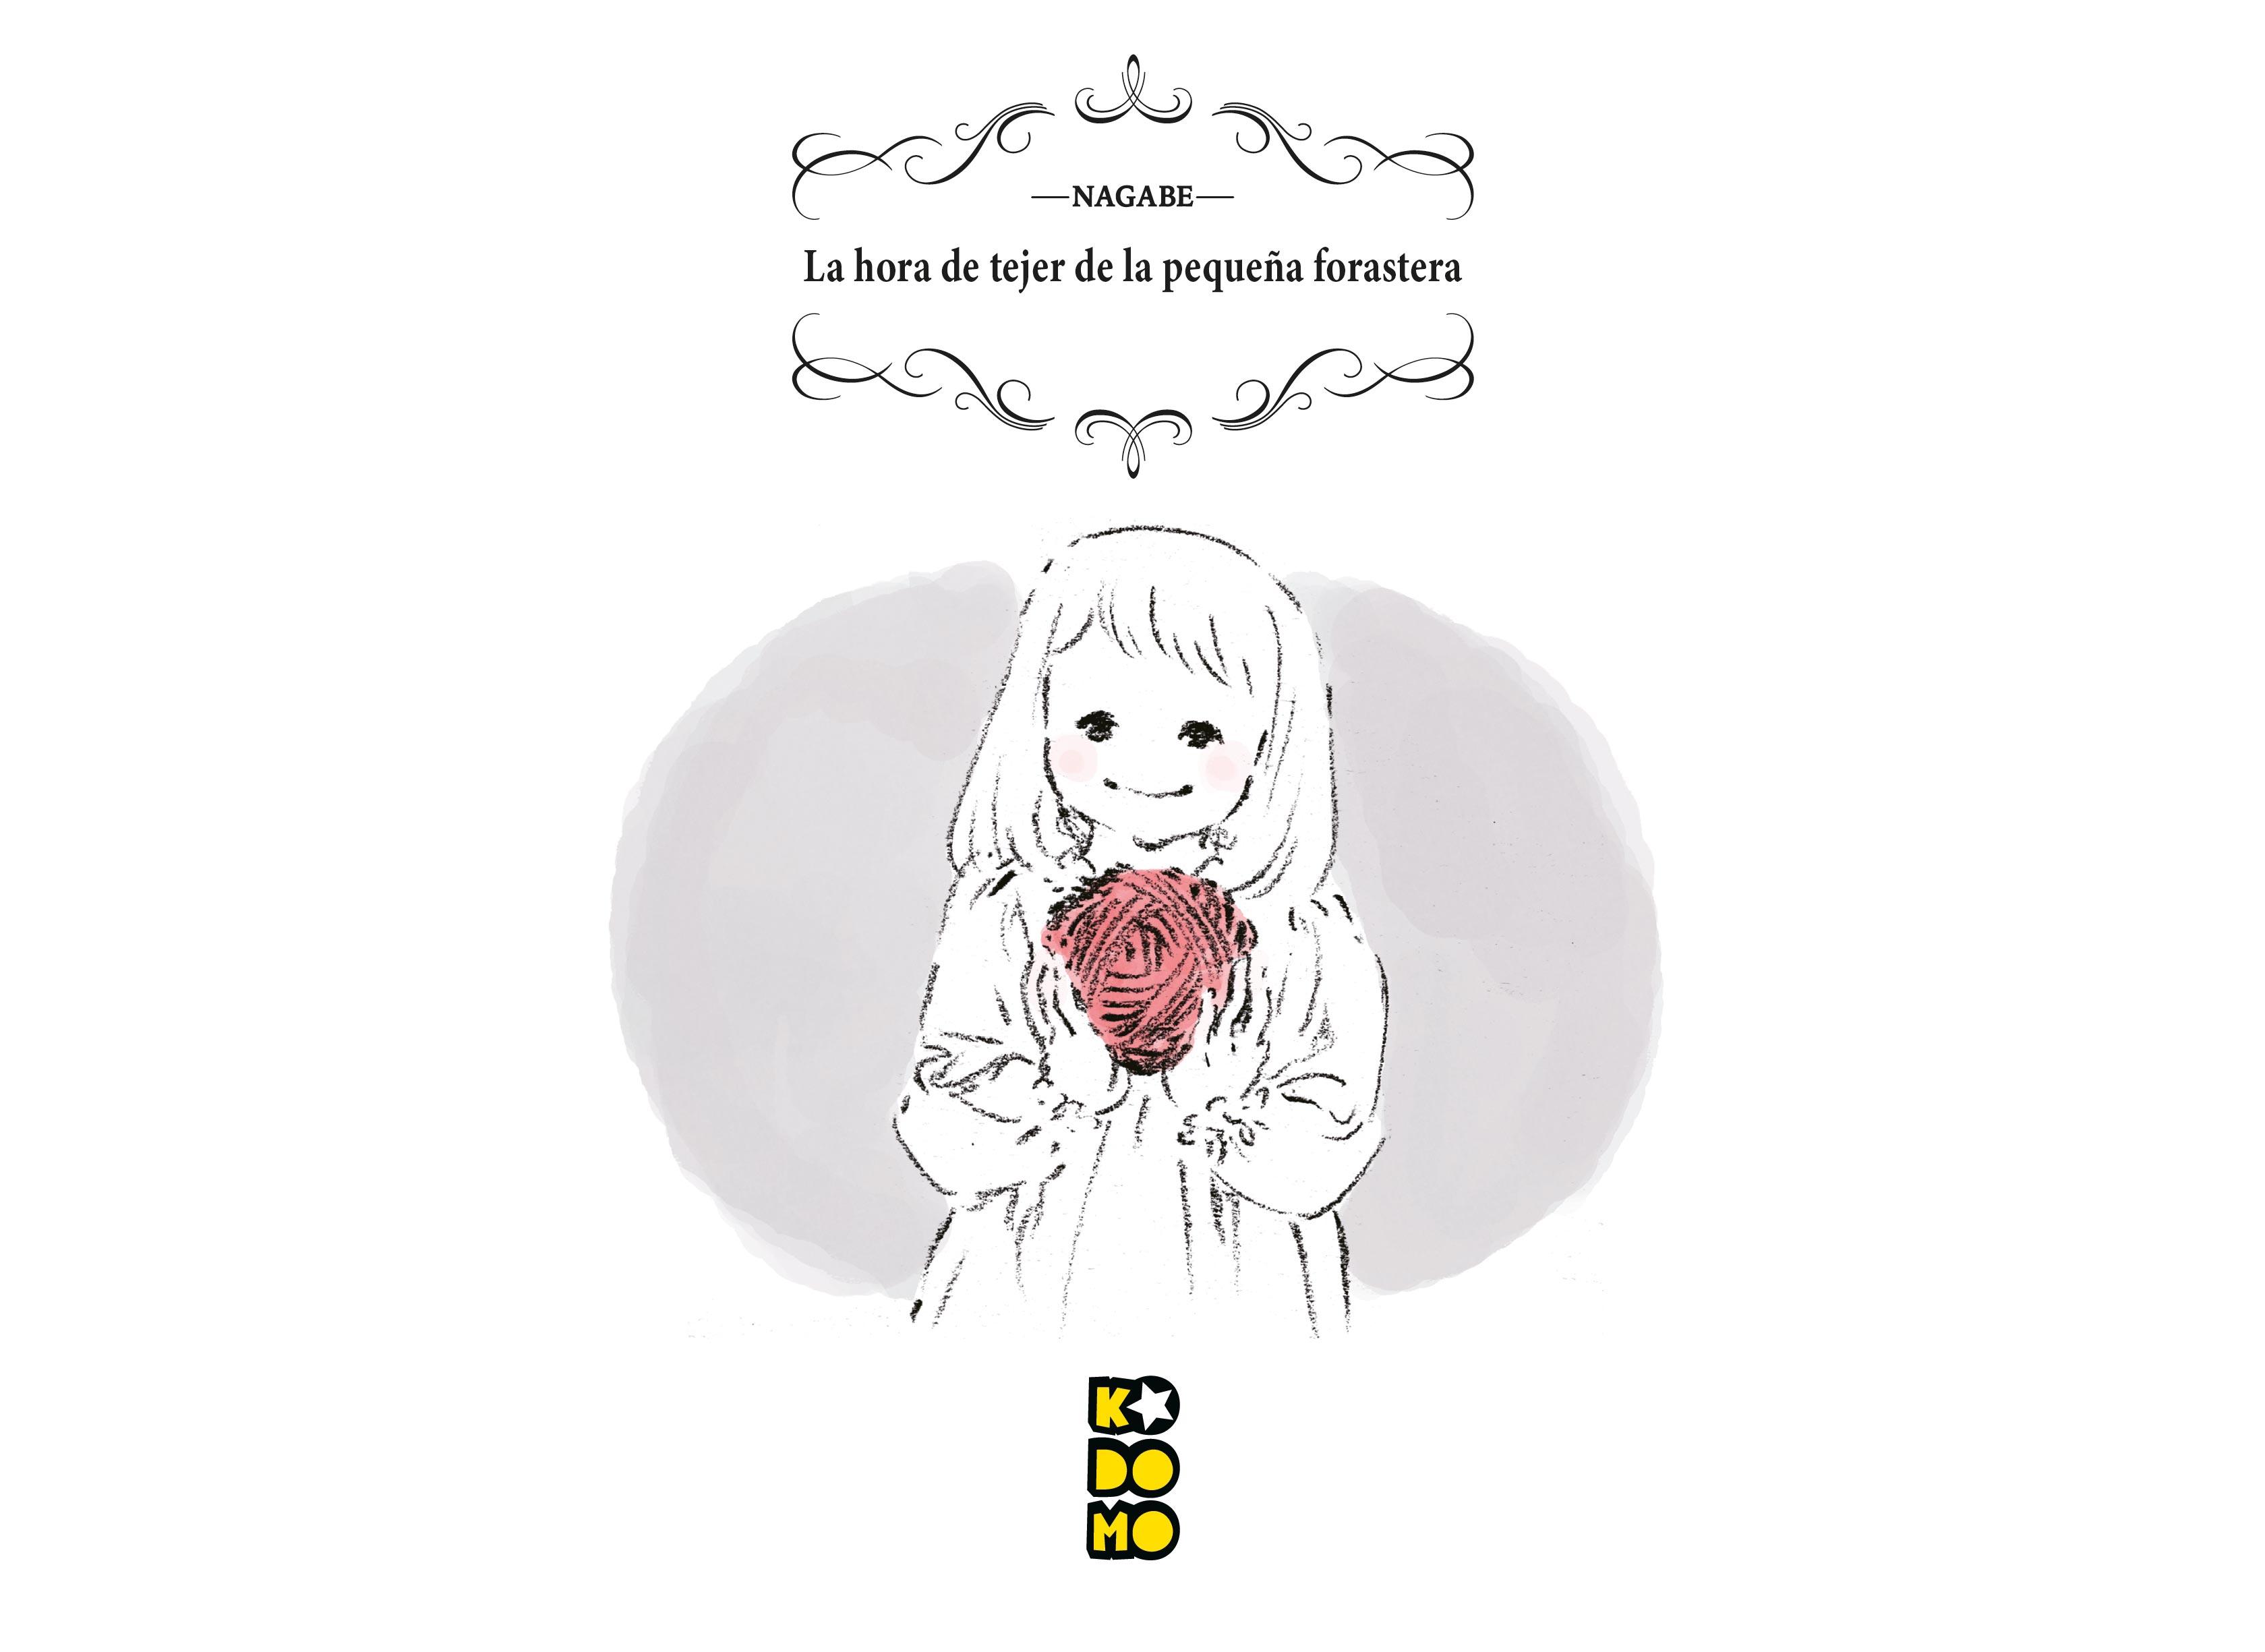 La hora de tejer de la pequeña forastera - Nagabe